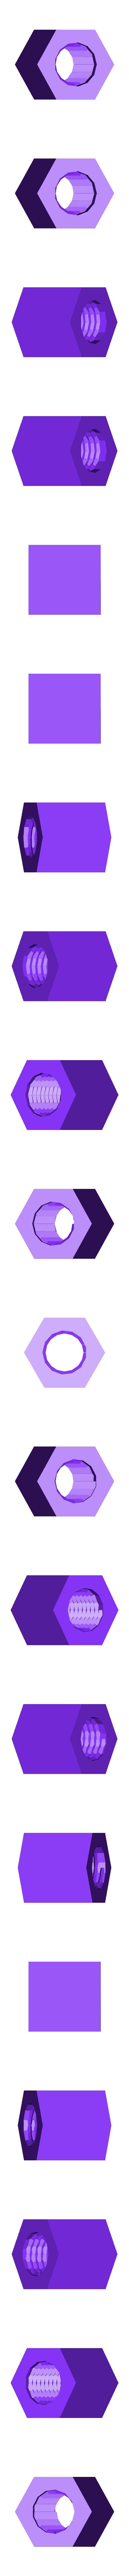 Hex_nut_M8_higher.stl Download free STL file Printable standard M8 Hex nuts and washers • 3D printer design, Ogrod3d